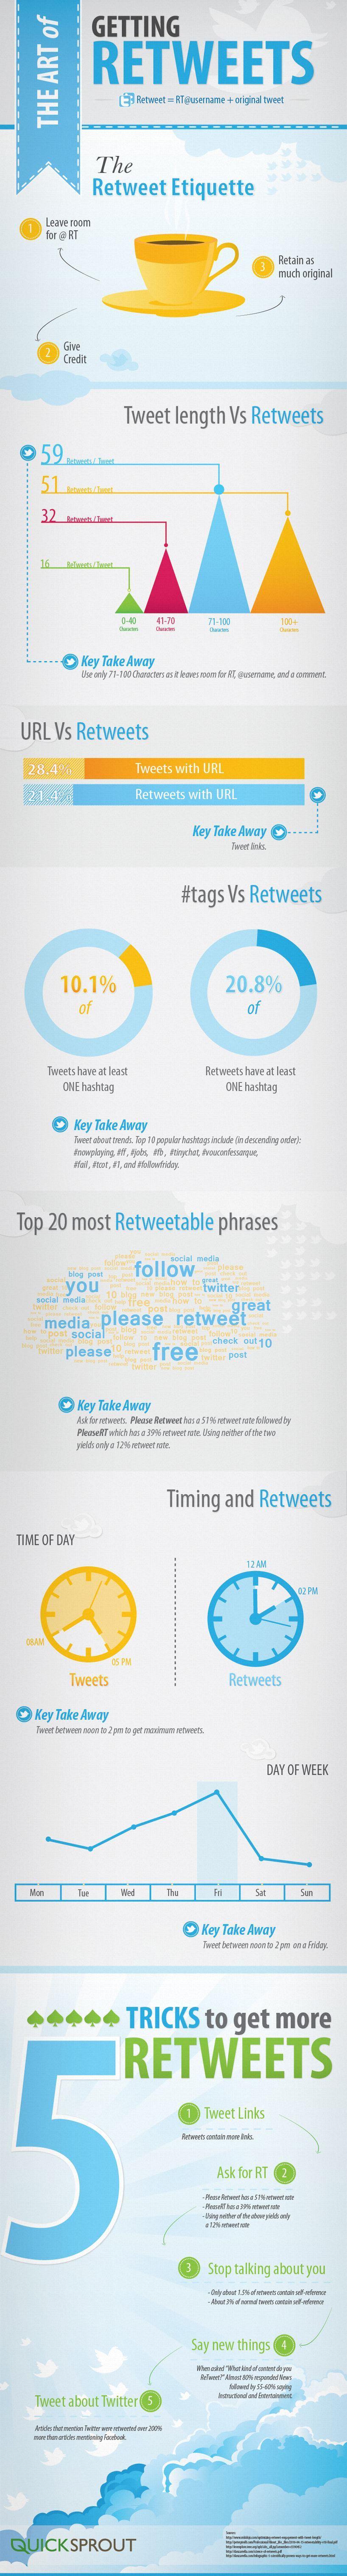 Comment avoir plus de RT sur Twitter